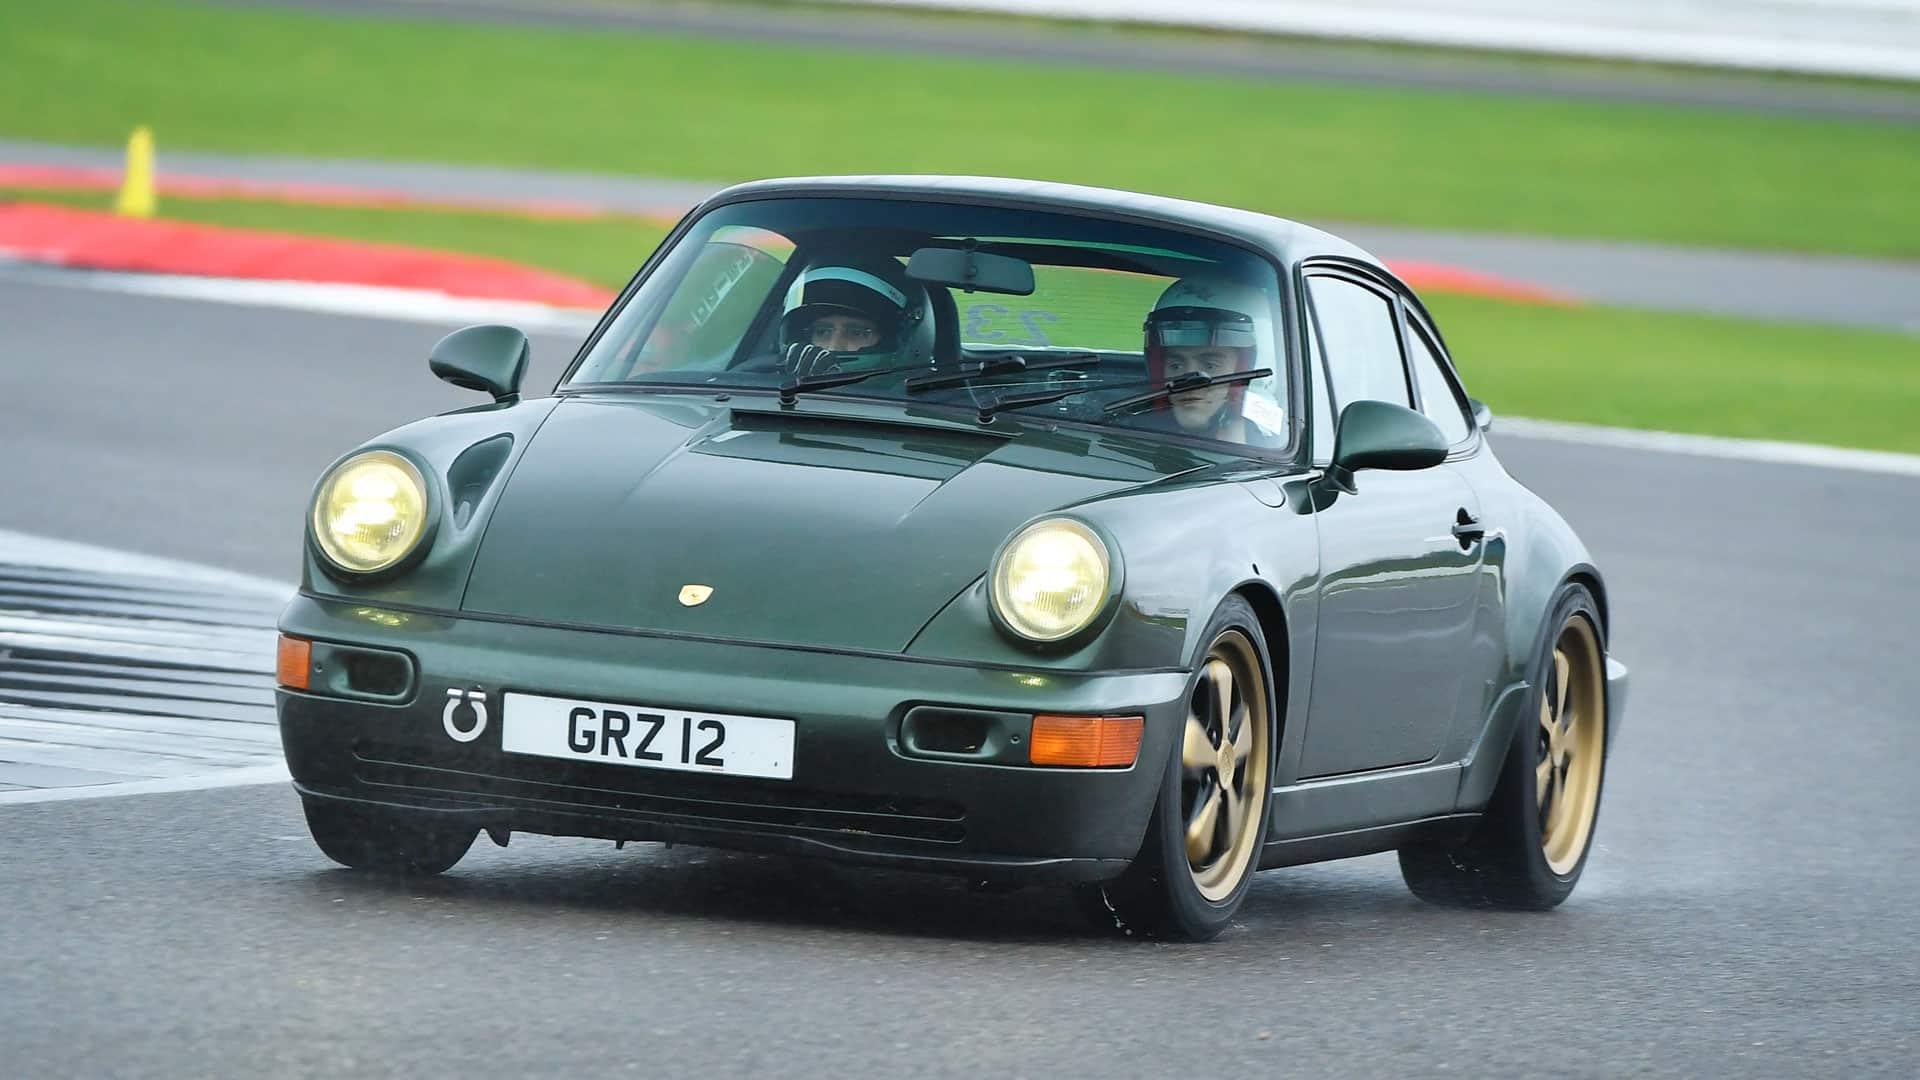 oak-green-964-1